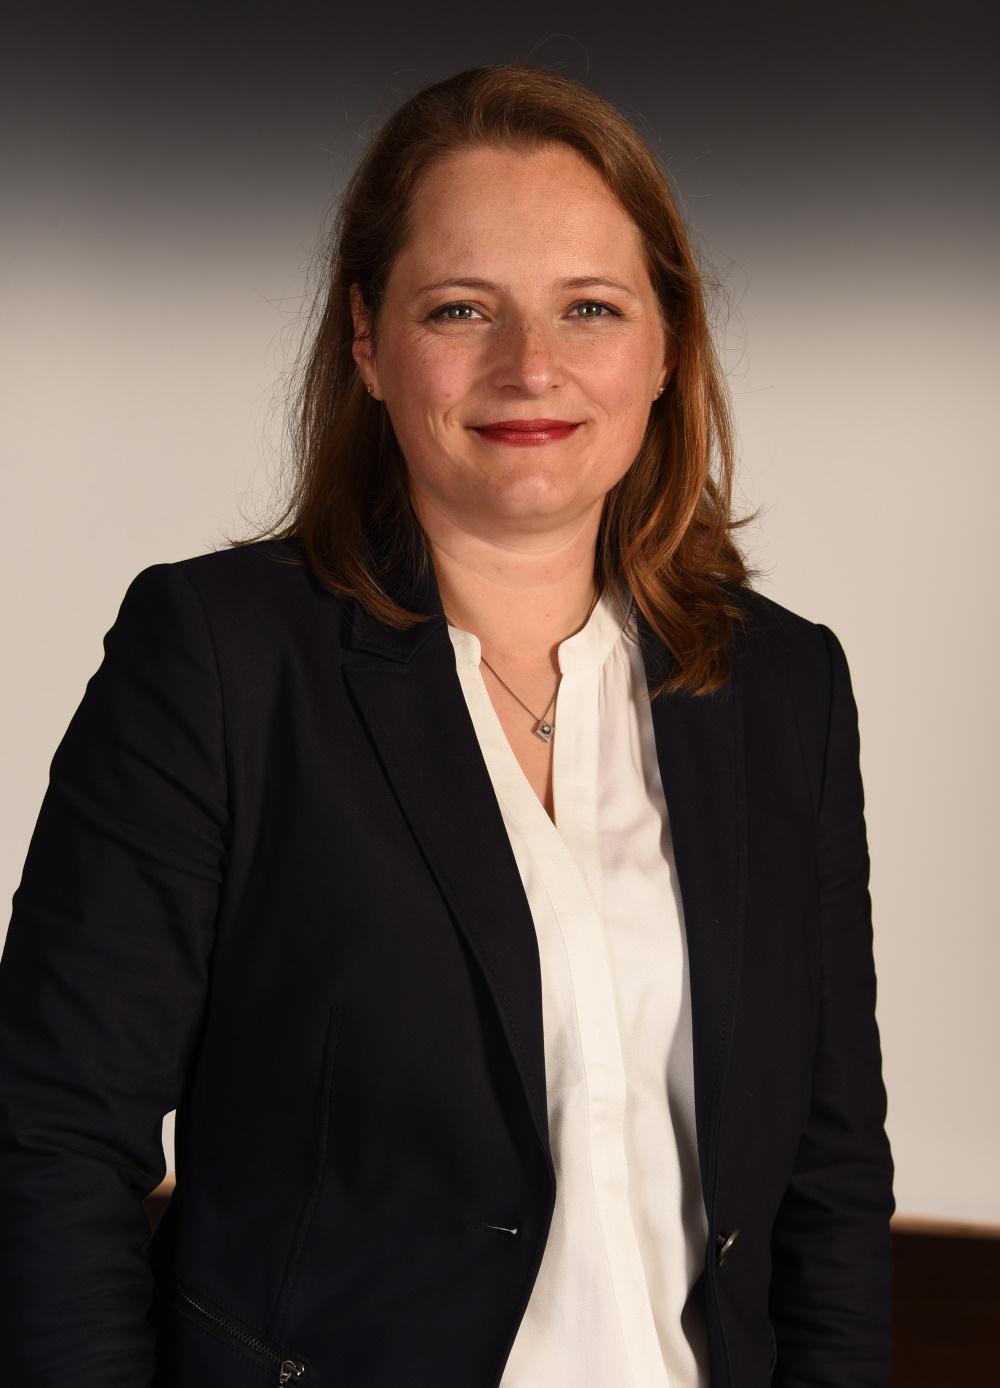 Abbildung von Ruth Dr. Laengner